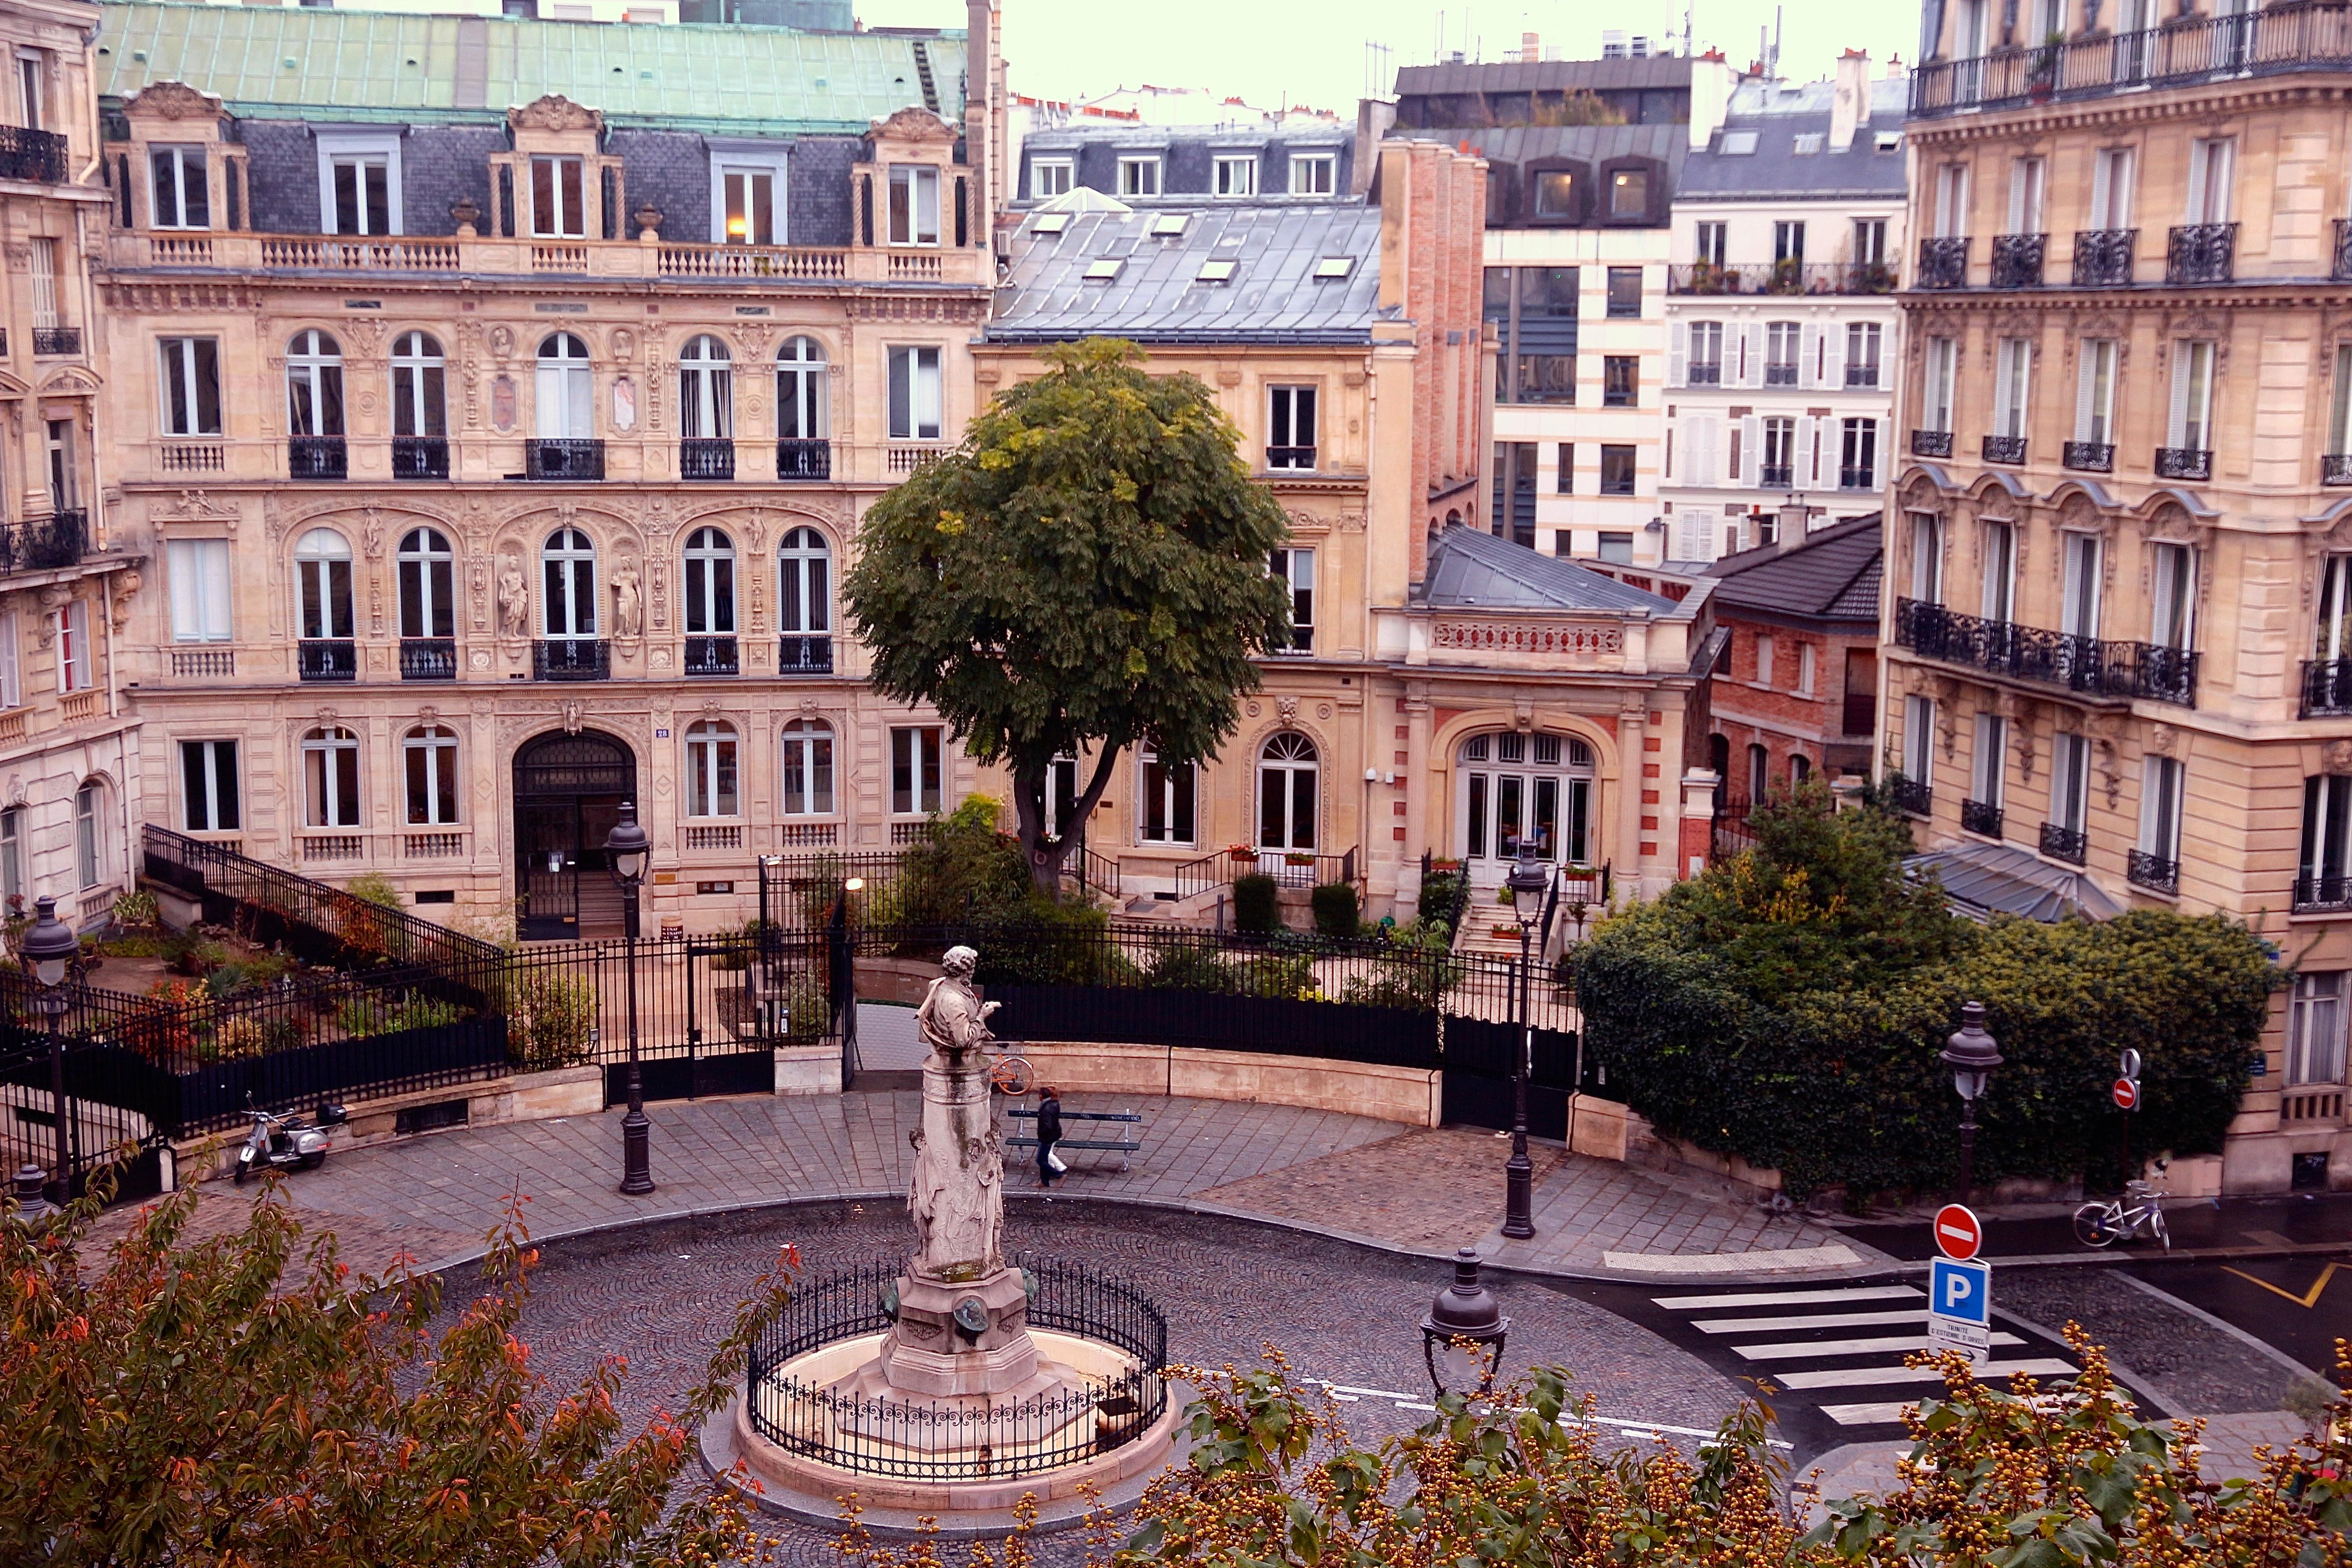 la Place Saint-Georges